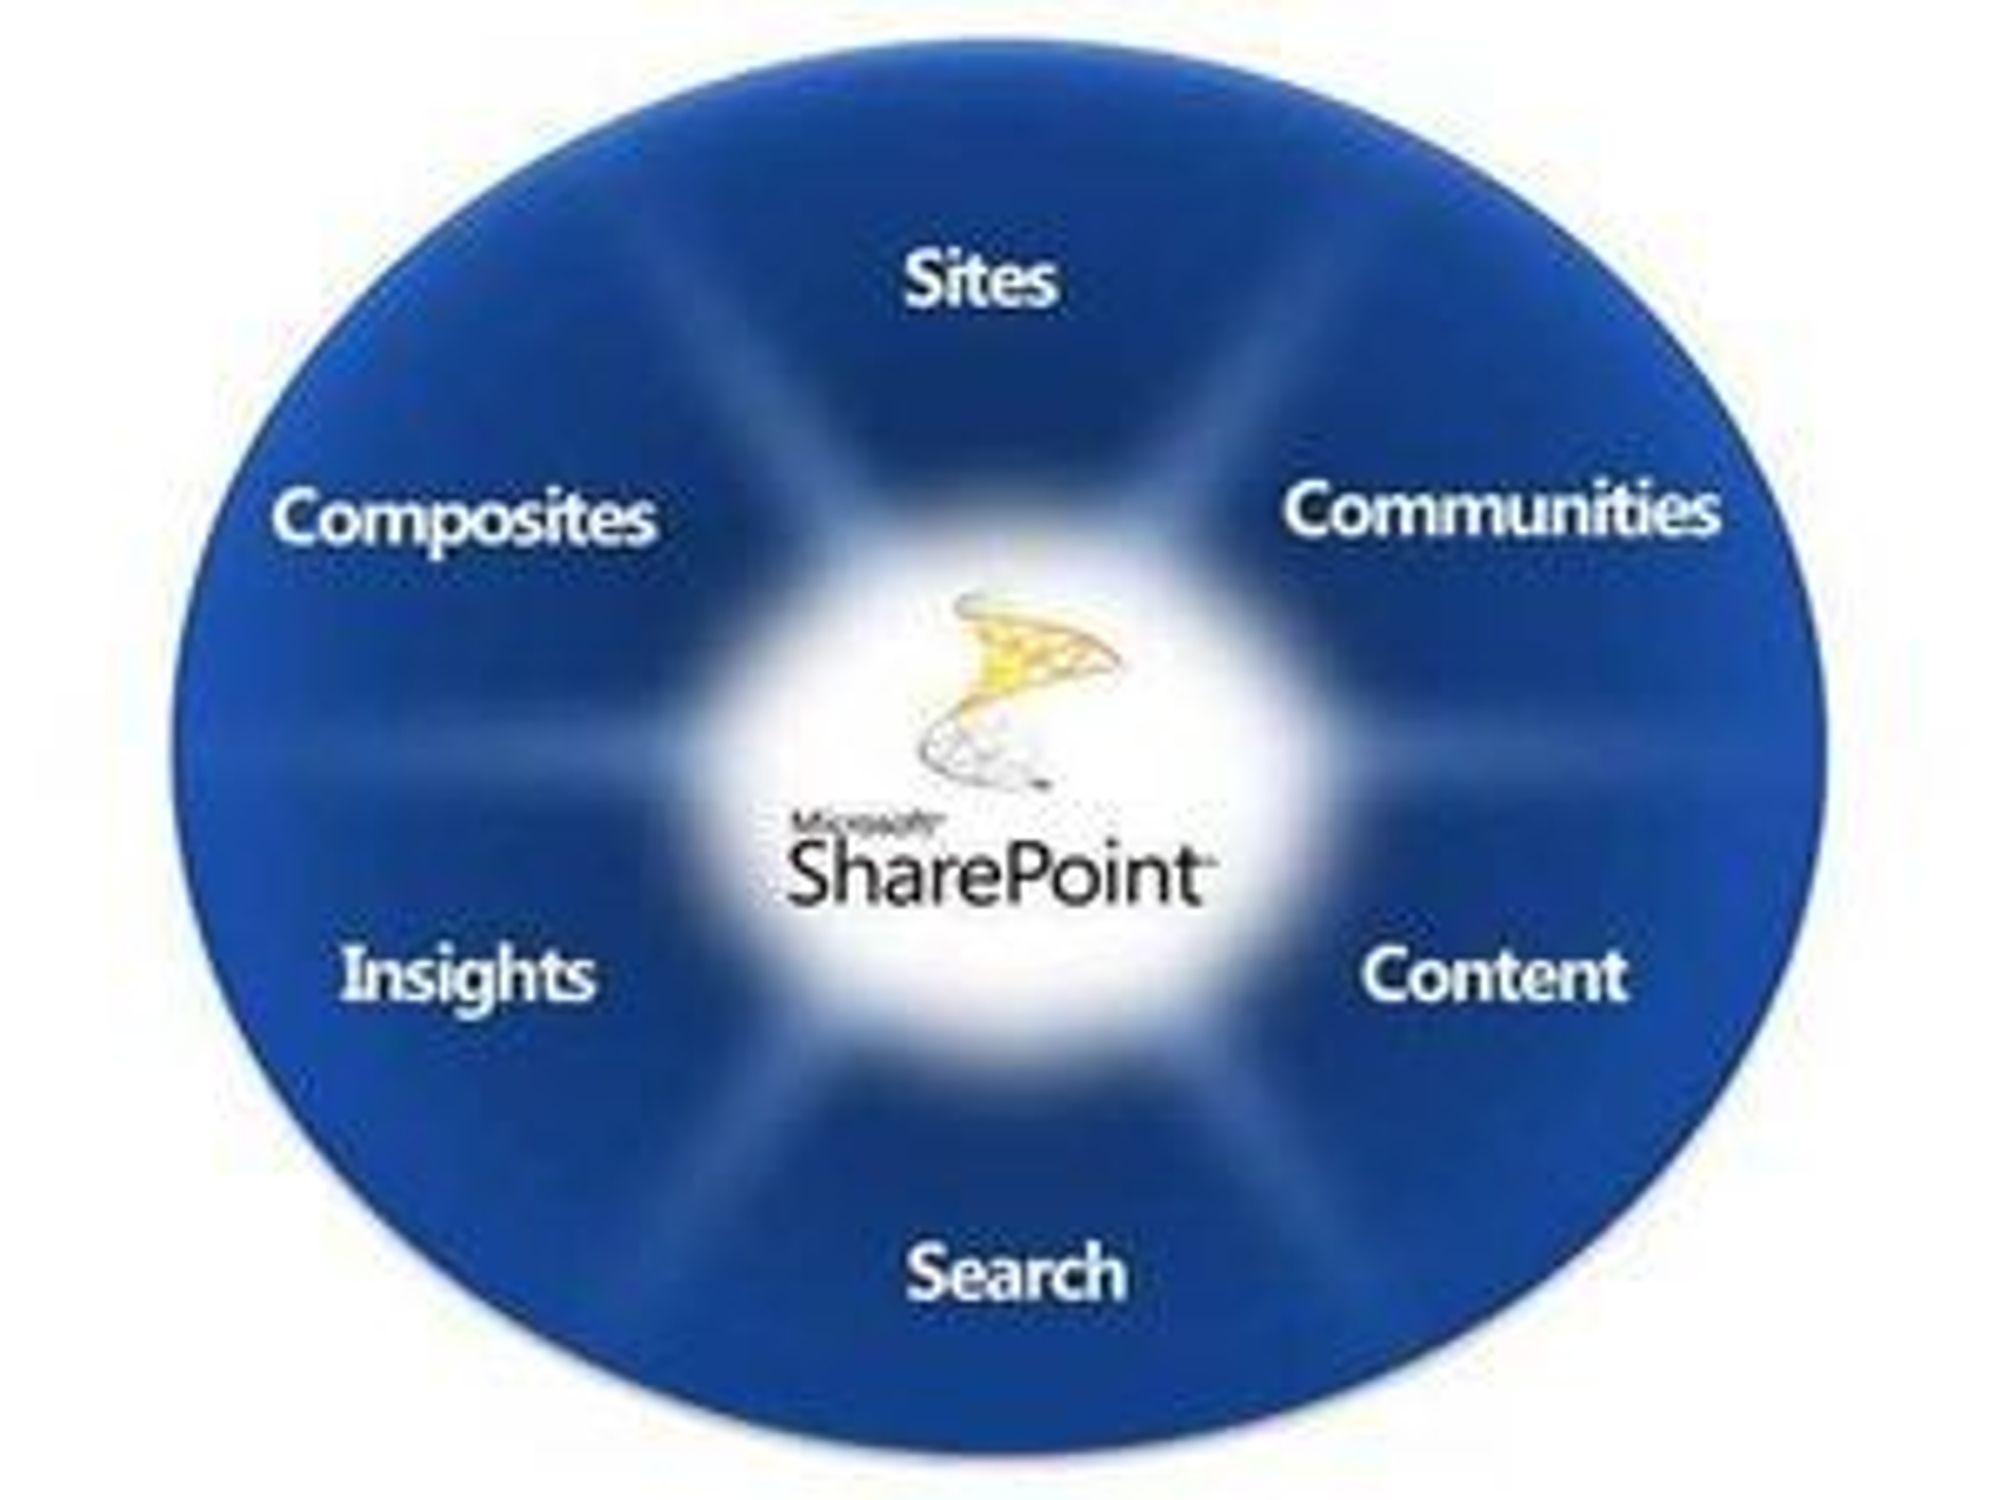 Microsoft Sharepoint er blant selskapets aller viktigste produkter, blant annet med tanke på tjenester gjennom nettskyen.